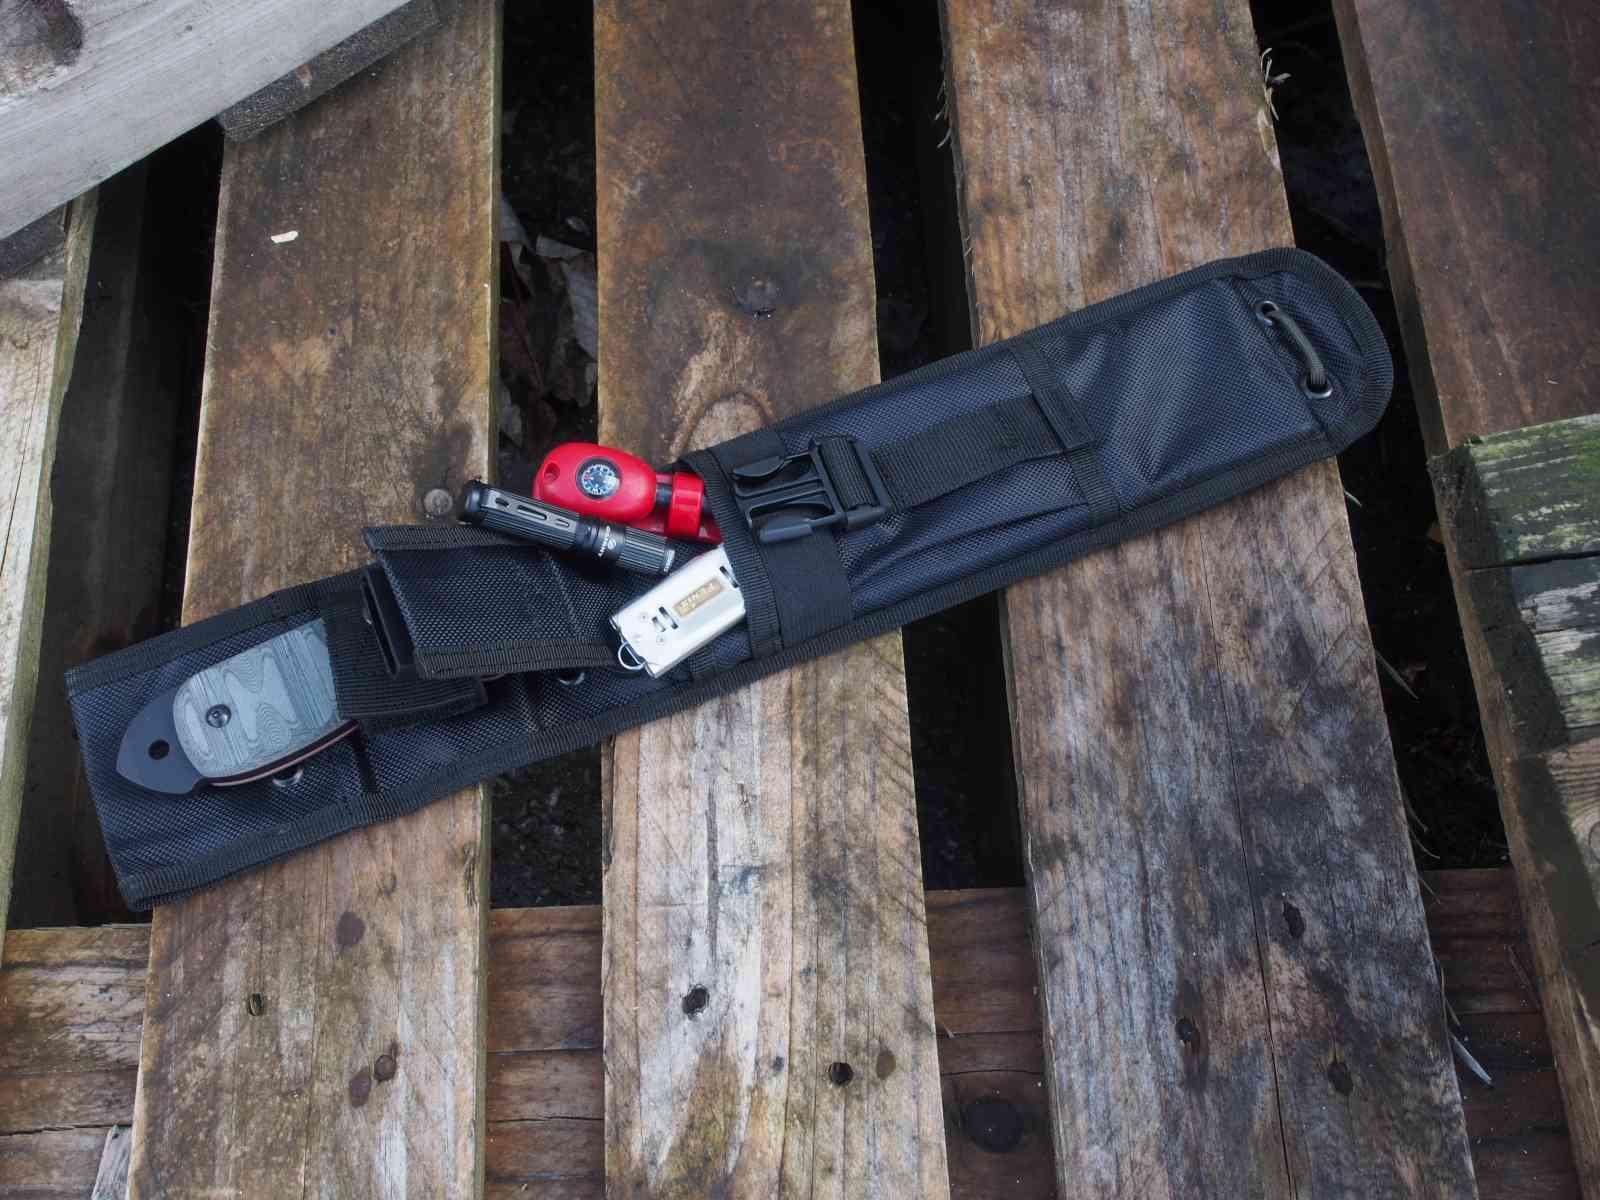 Tops SXB - Messerscheide mit Platz für Zusatzequipment